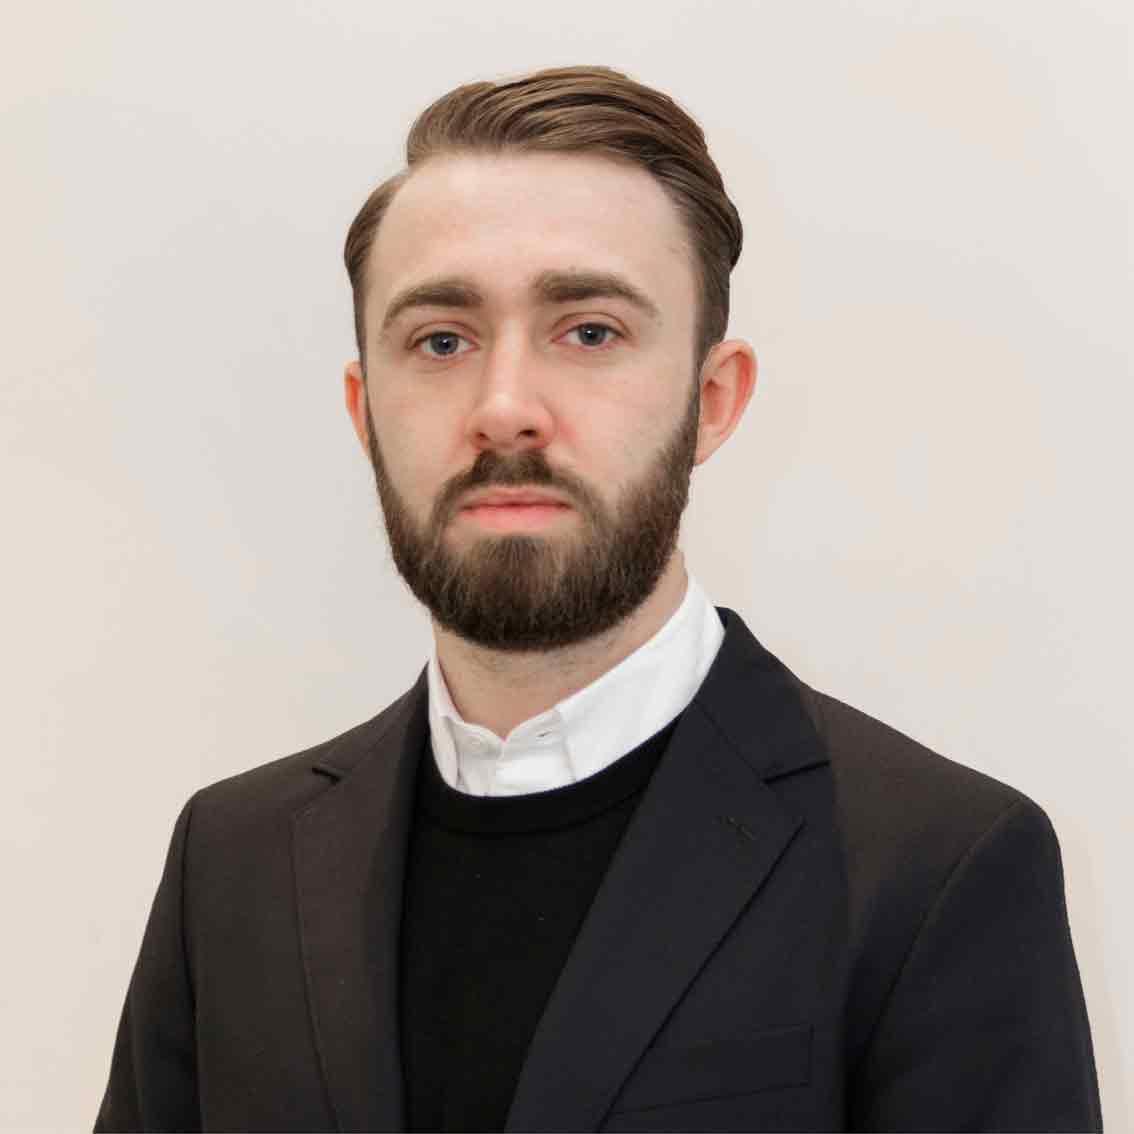 Ryan Mulligan